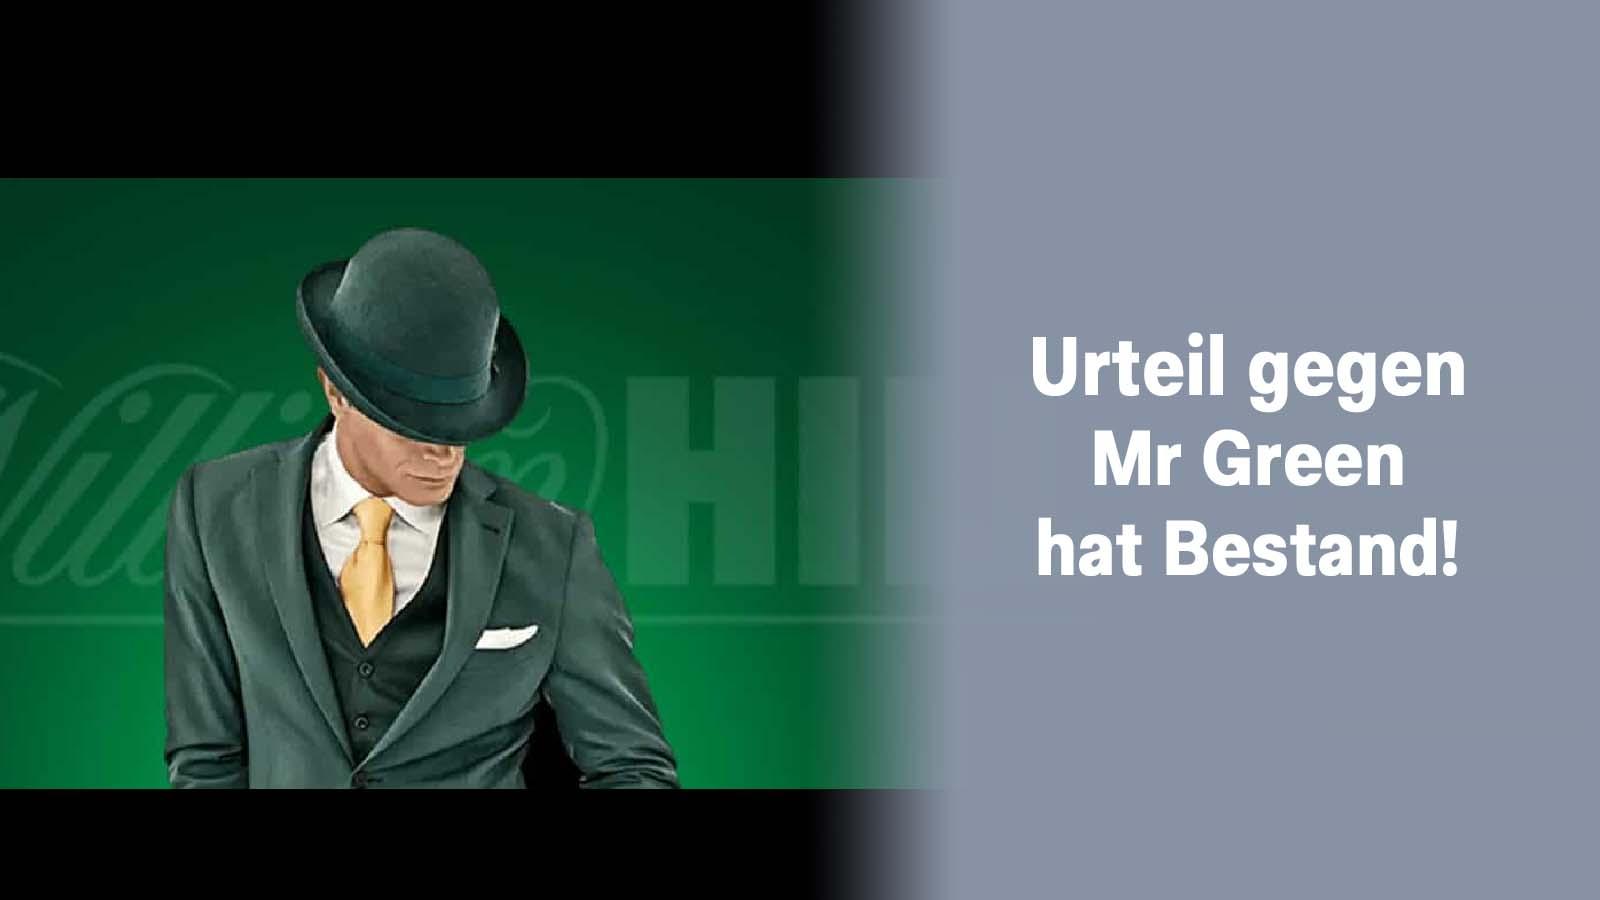 Urteil gegen Mr Green